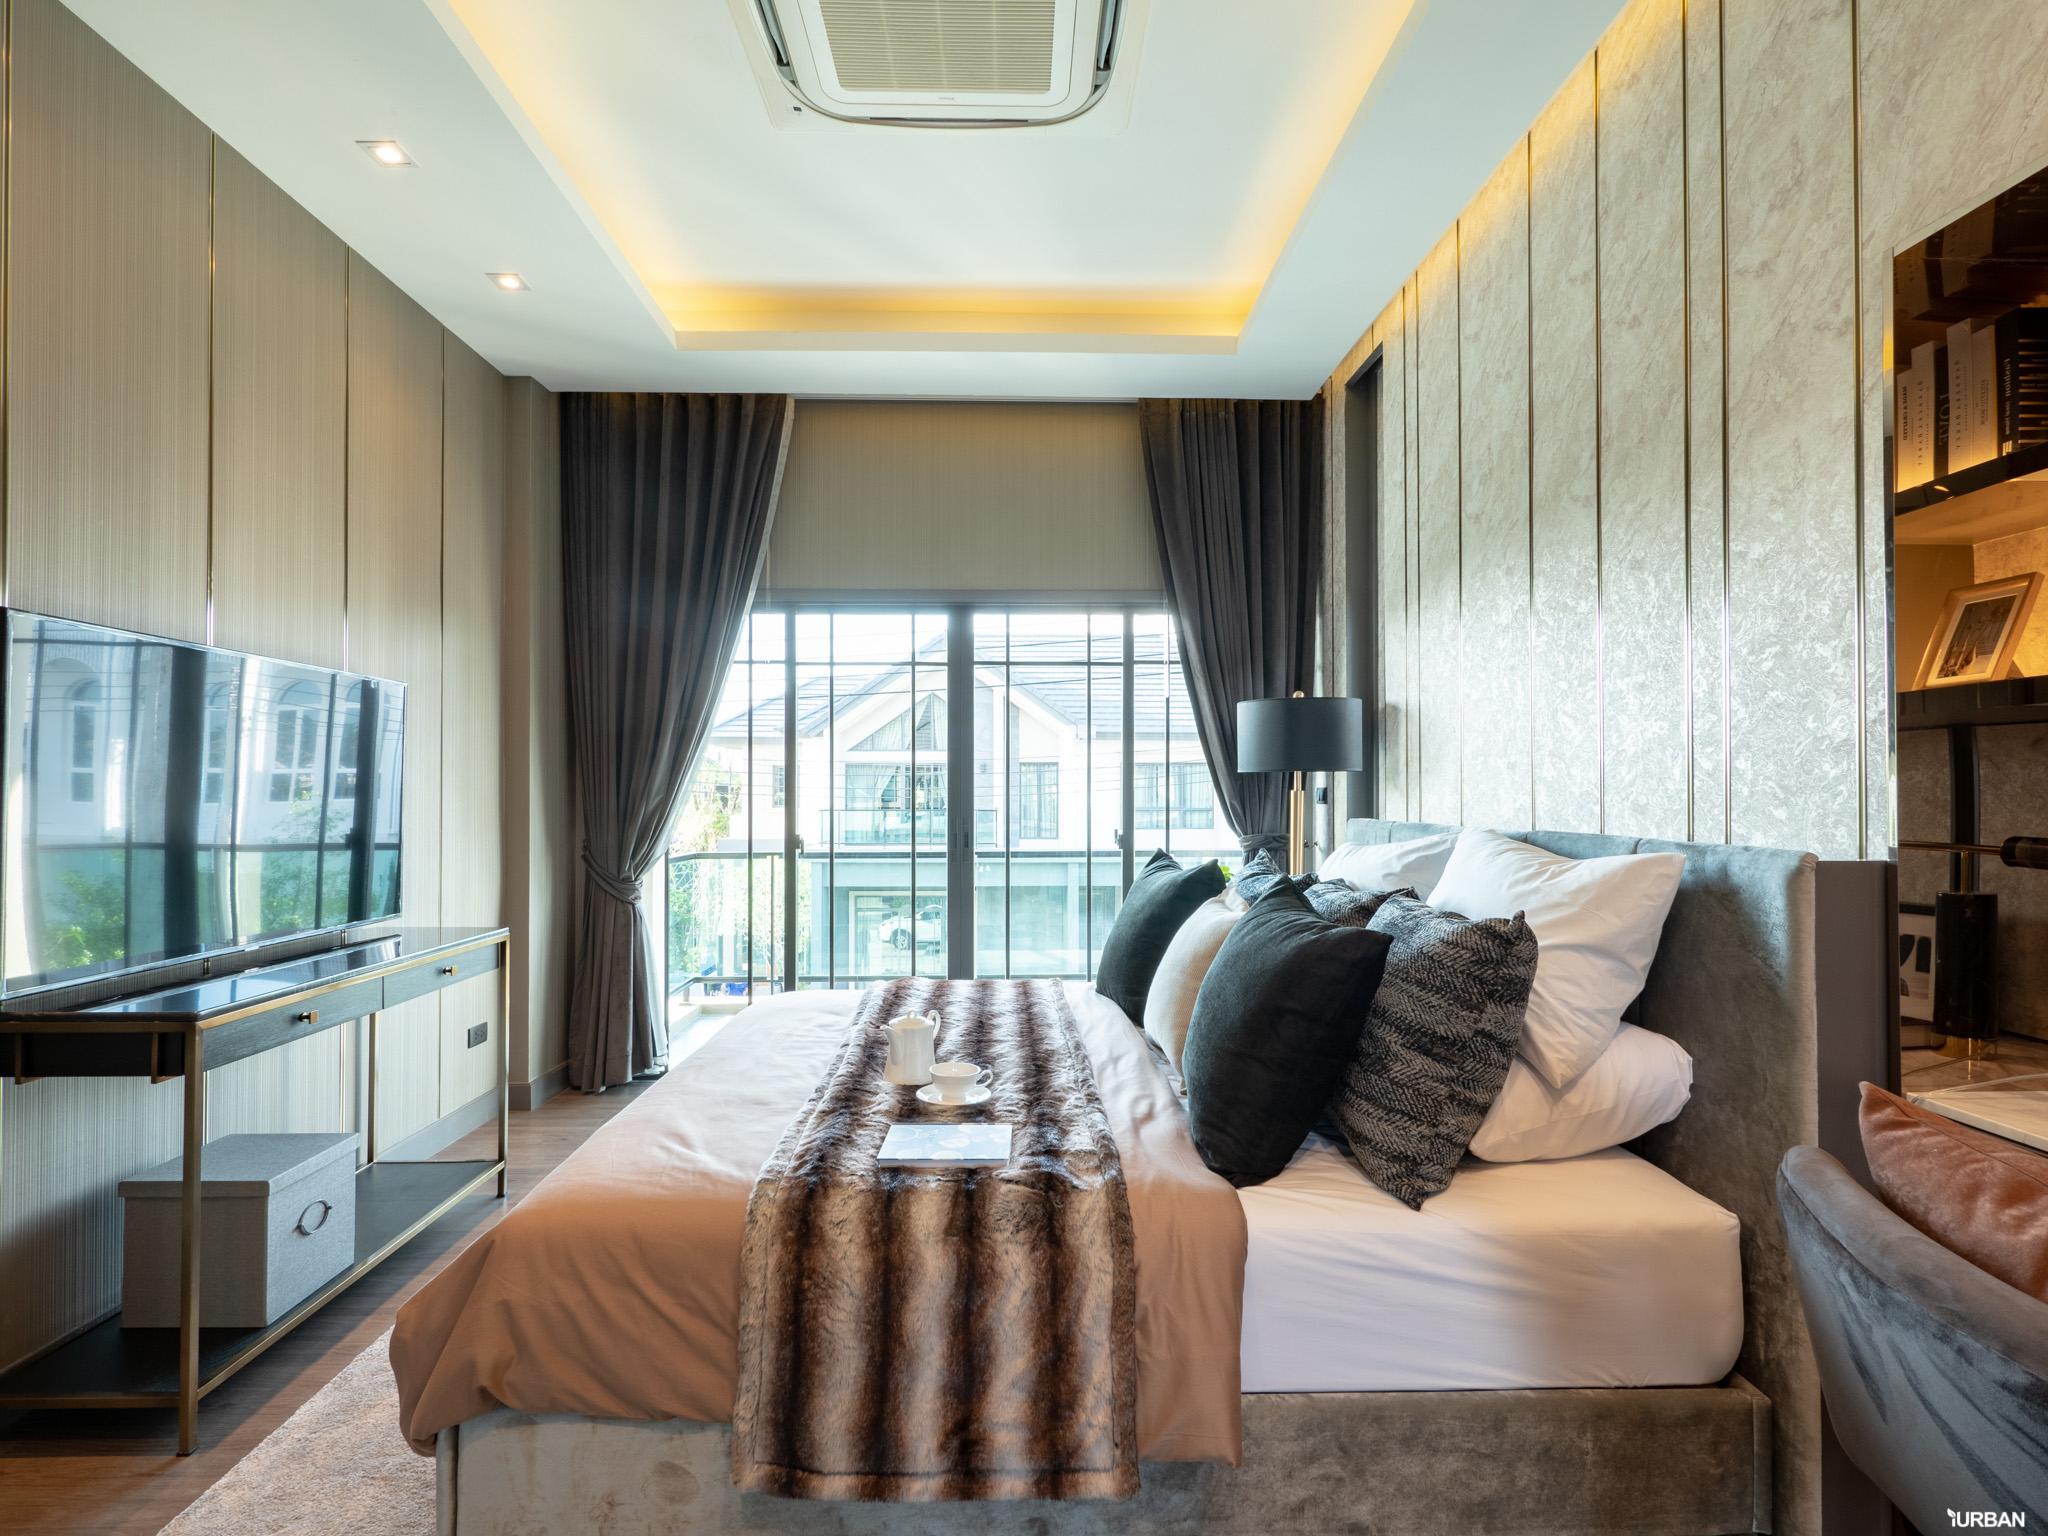 รีวิว บางกอก บูเลอวาร์ด รามอินทรา-เสรีไทย 2 <br>บ้านเดี่ยวสไตล์ Luxury Nordic เพียง 77 ครอบครัว</br> 52 - Boulevard